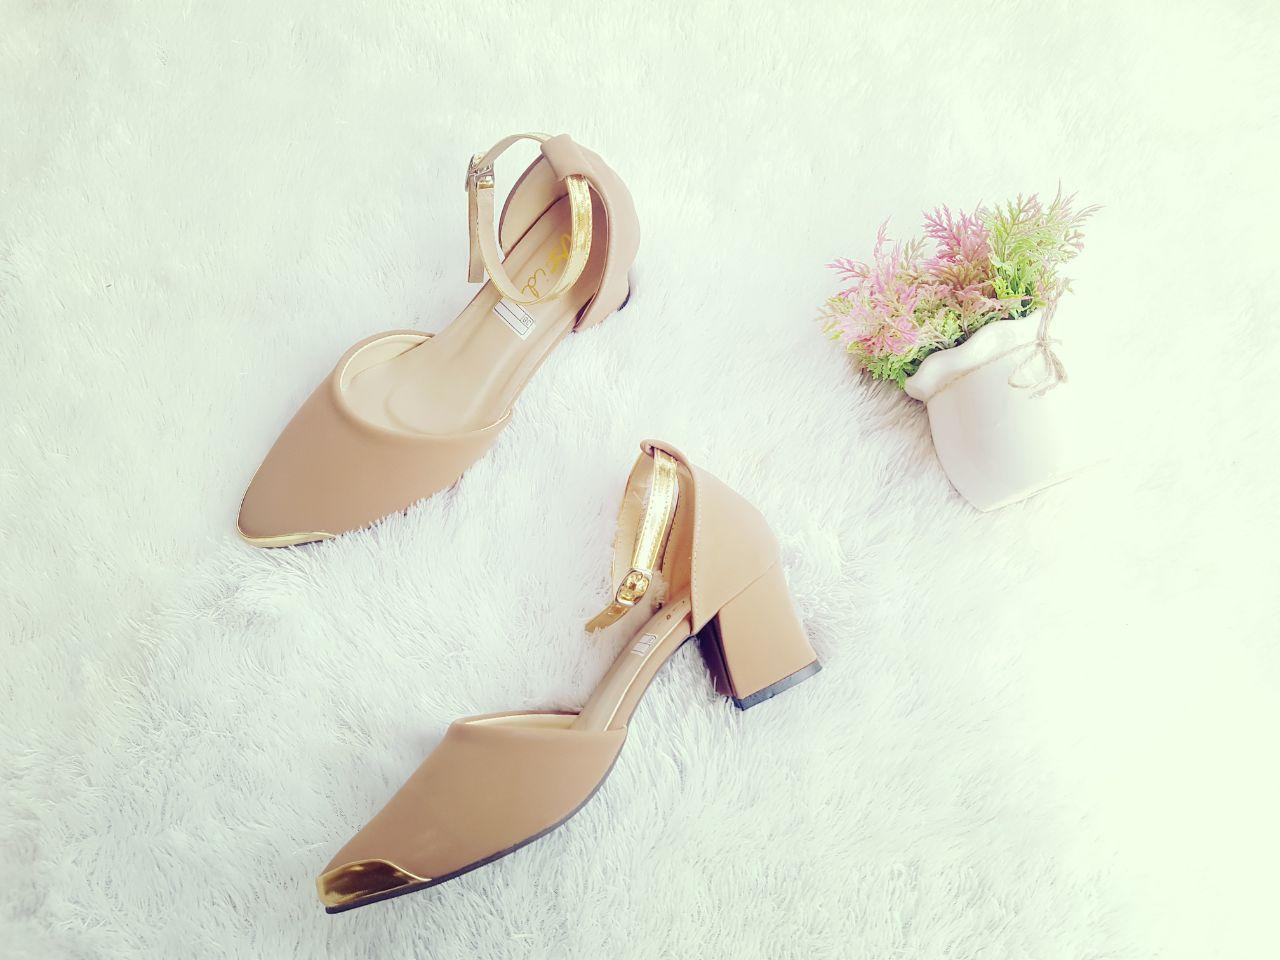 Pump Shoes - Pumps Wanita - Sepatu Heels Wanita Hak Tahu Gold Depan STR45